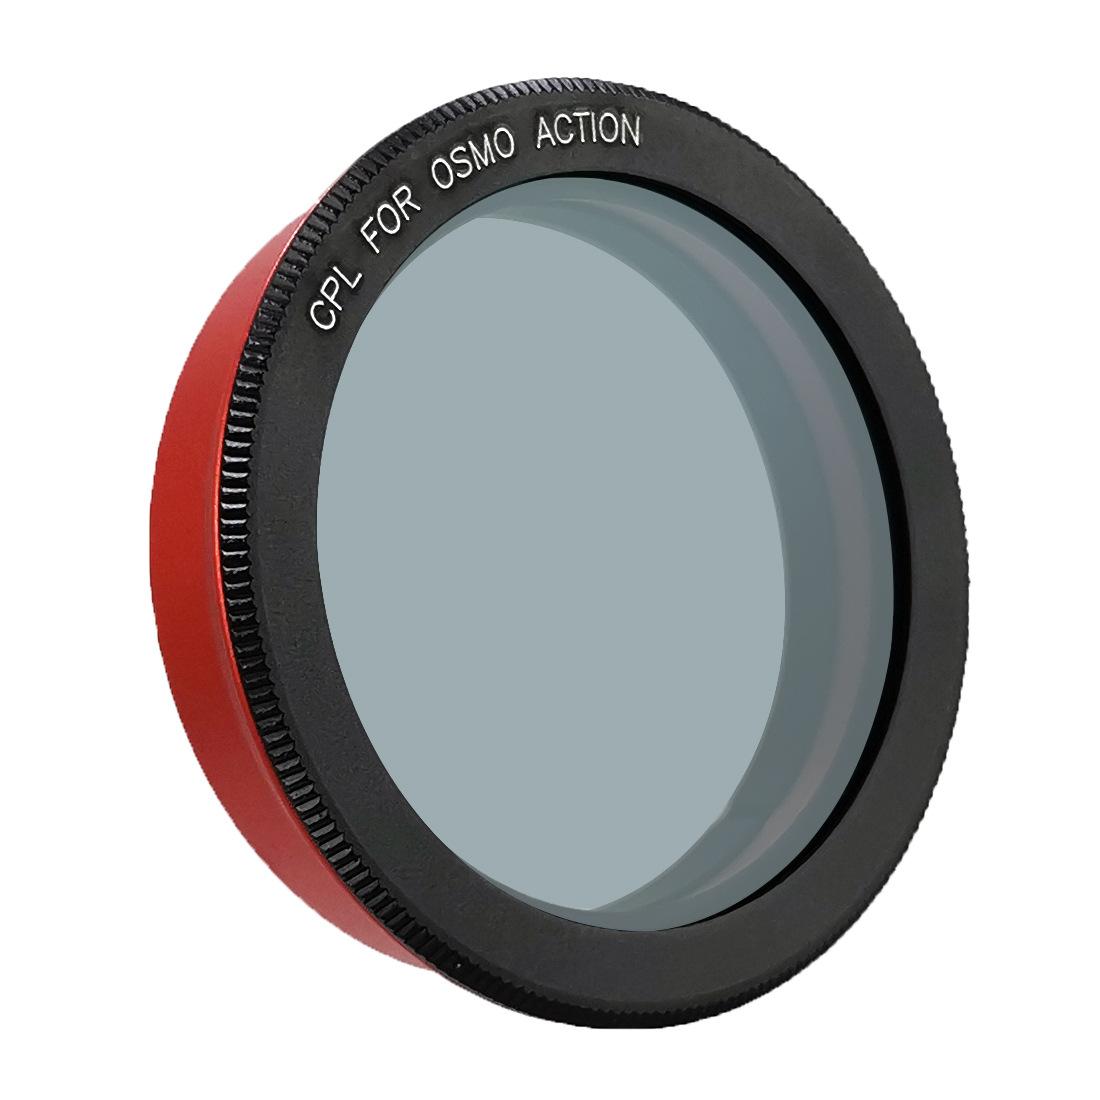 Camera Lens Filter for DJI Osmo Action Cameras UV CPL Lens High Light Transmittance Low Reflectance CPL lens filter